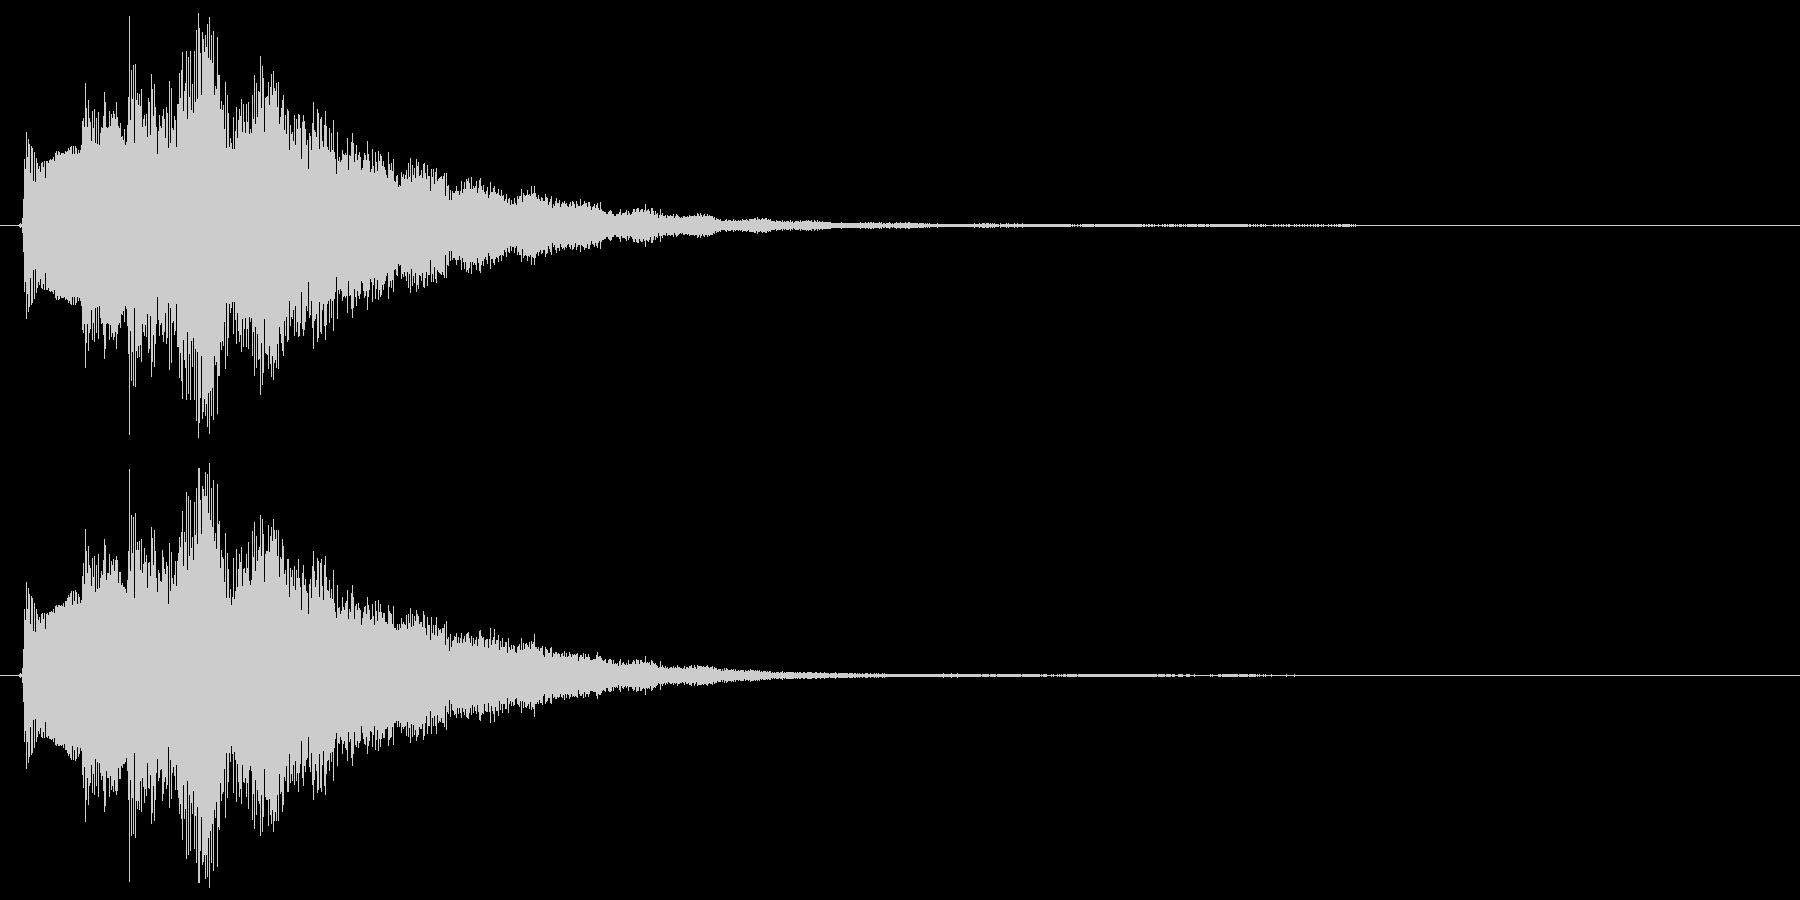 キラーン(決定音、ミステリアス、不思議)の未再生の波形